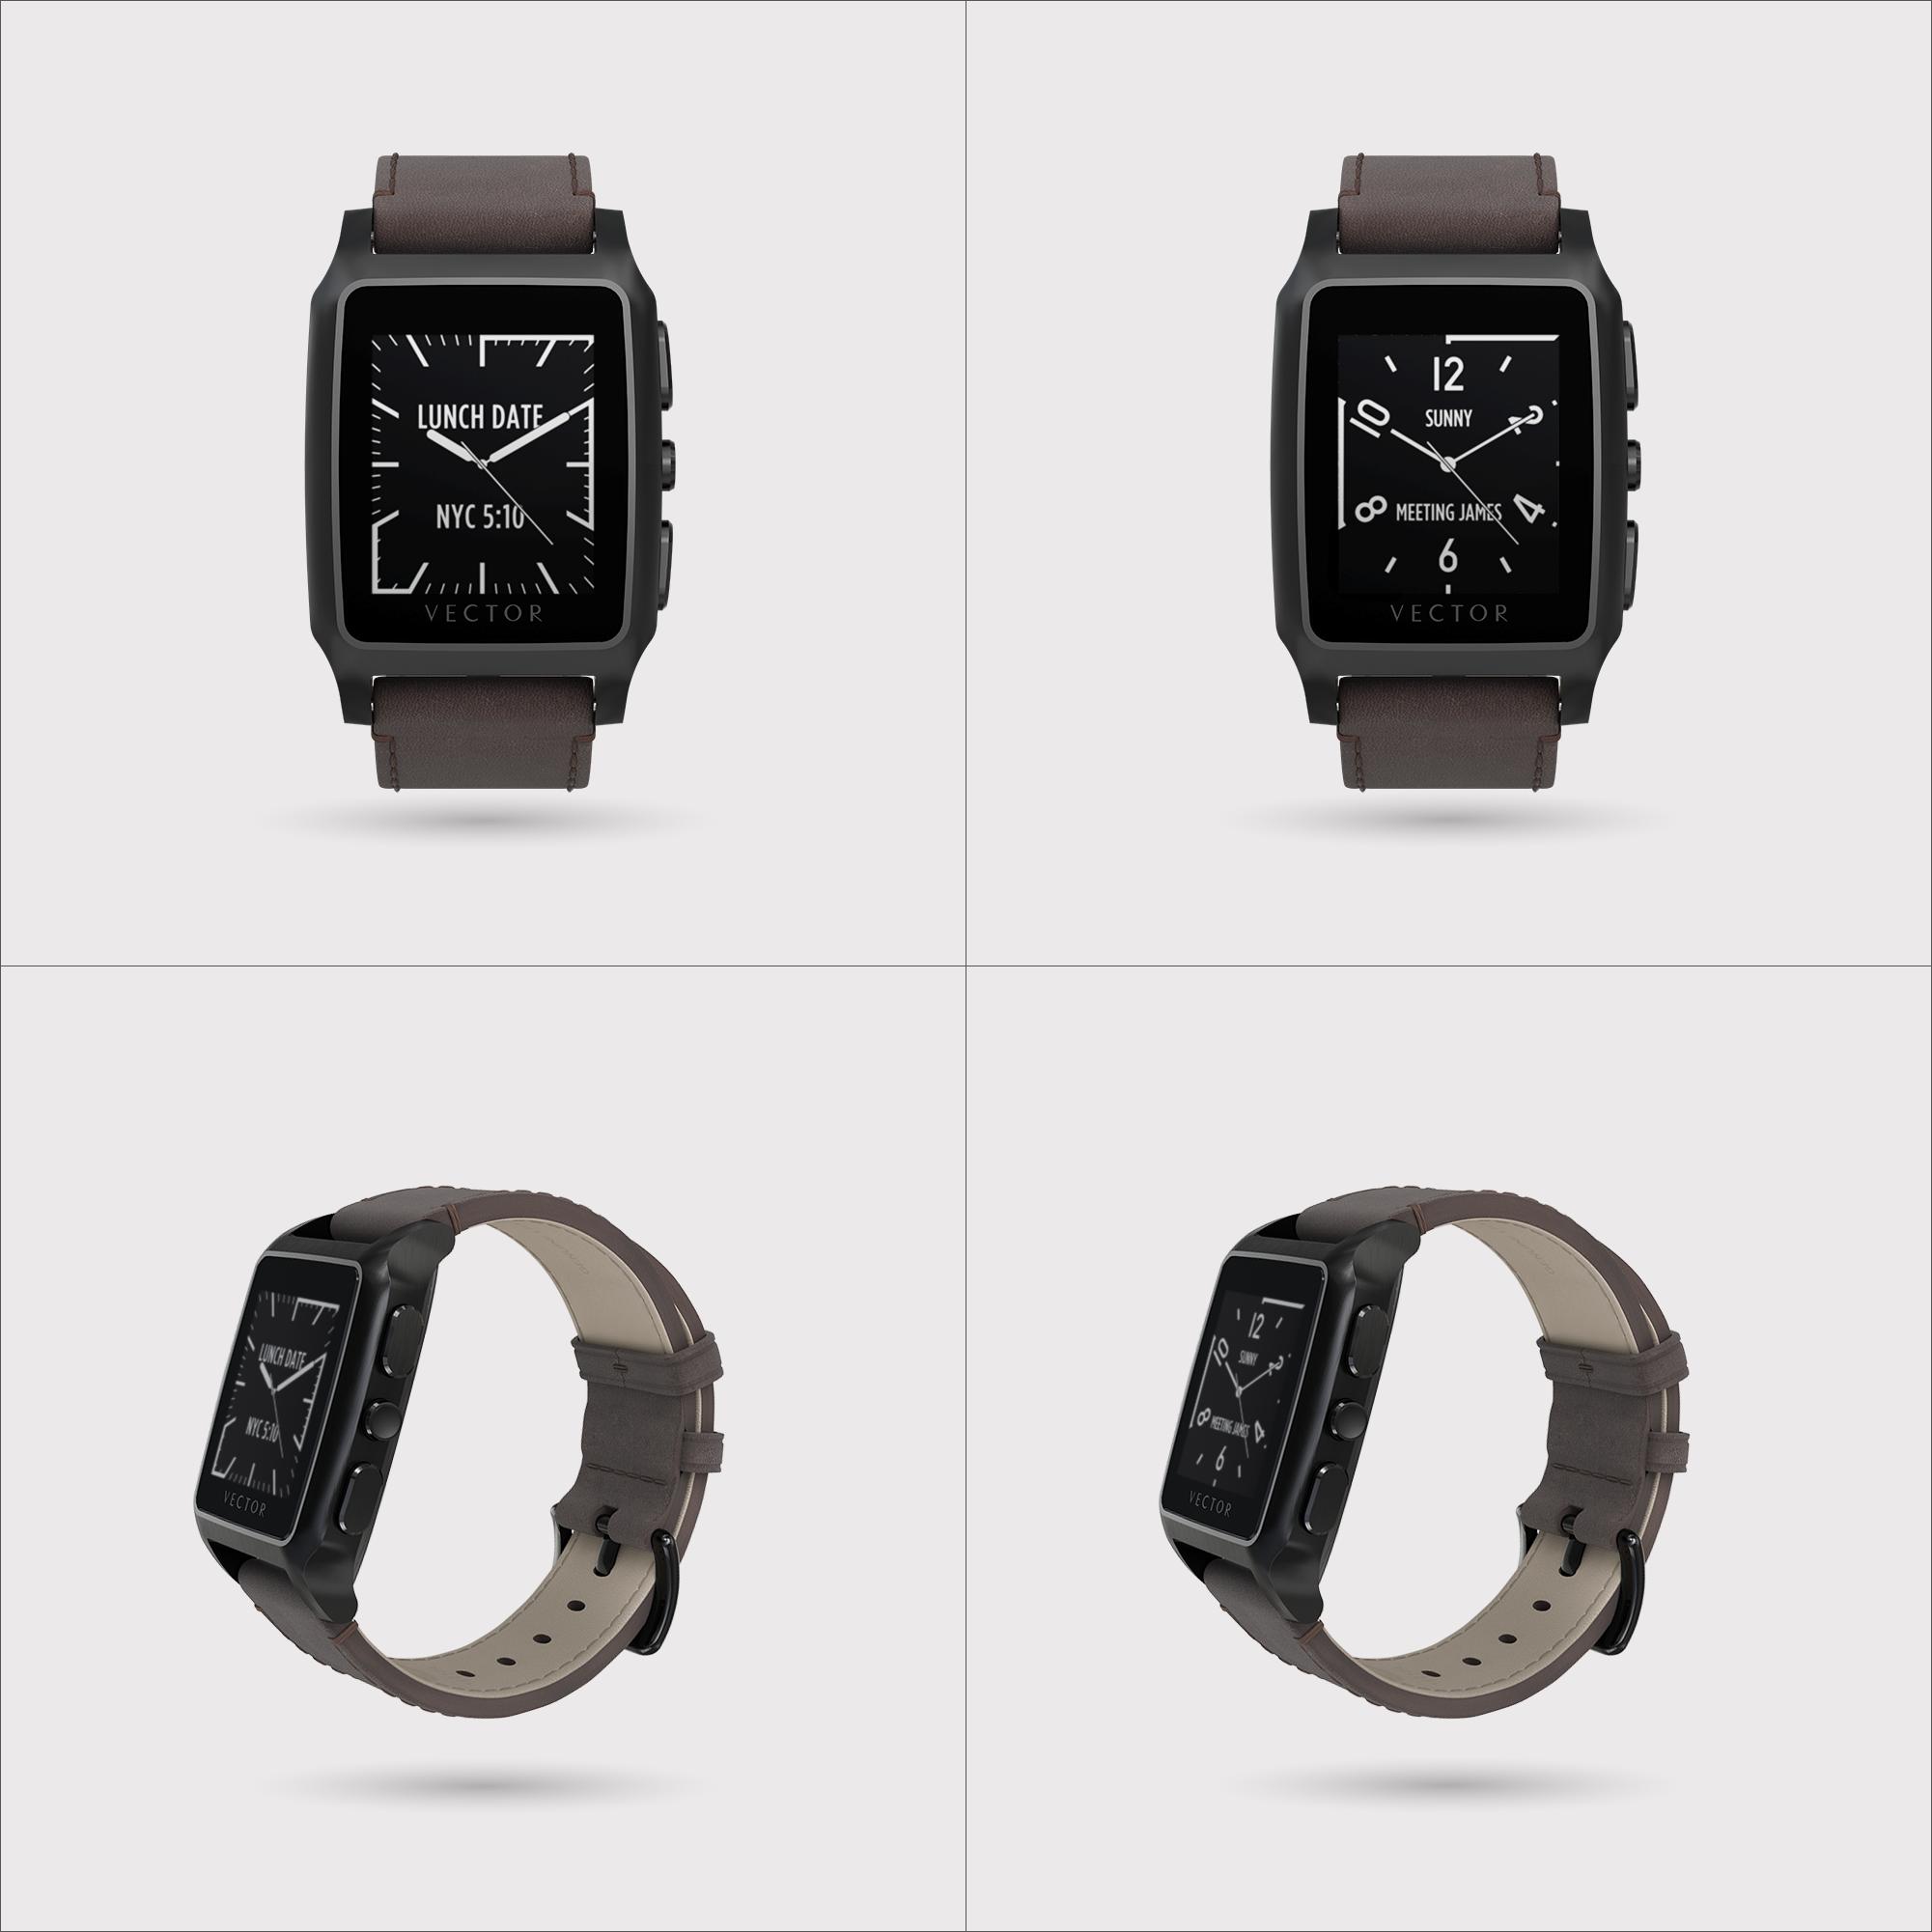 Descriere SmartWatch VECTOR Watch Meridian, negru satinat si curea maro din piele